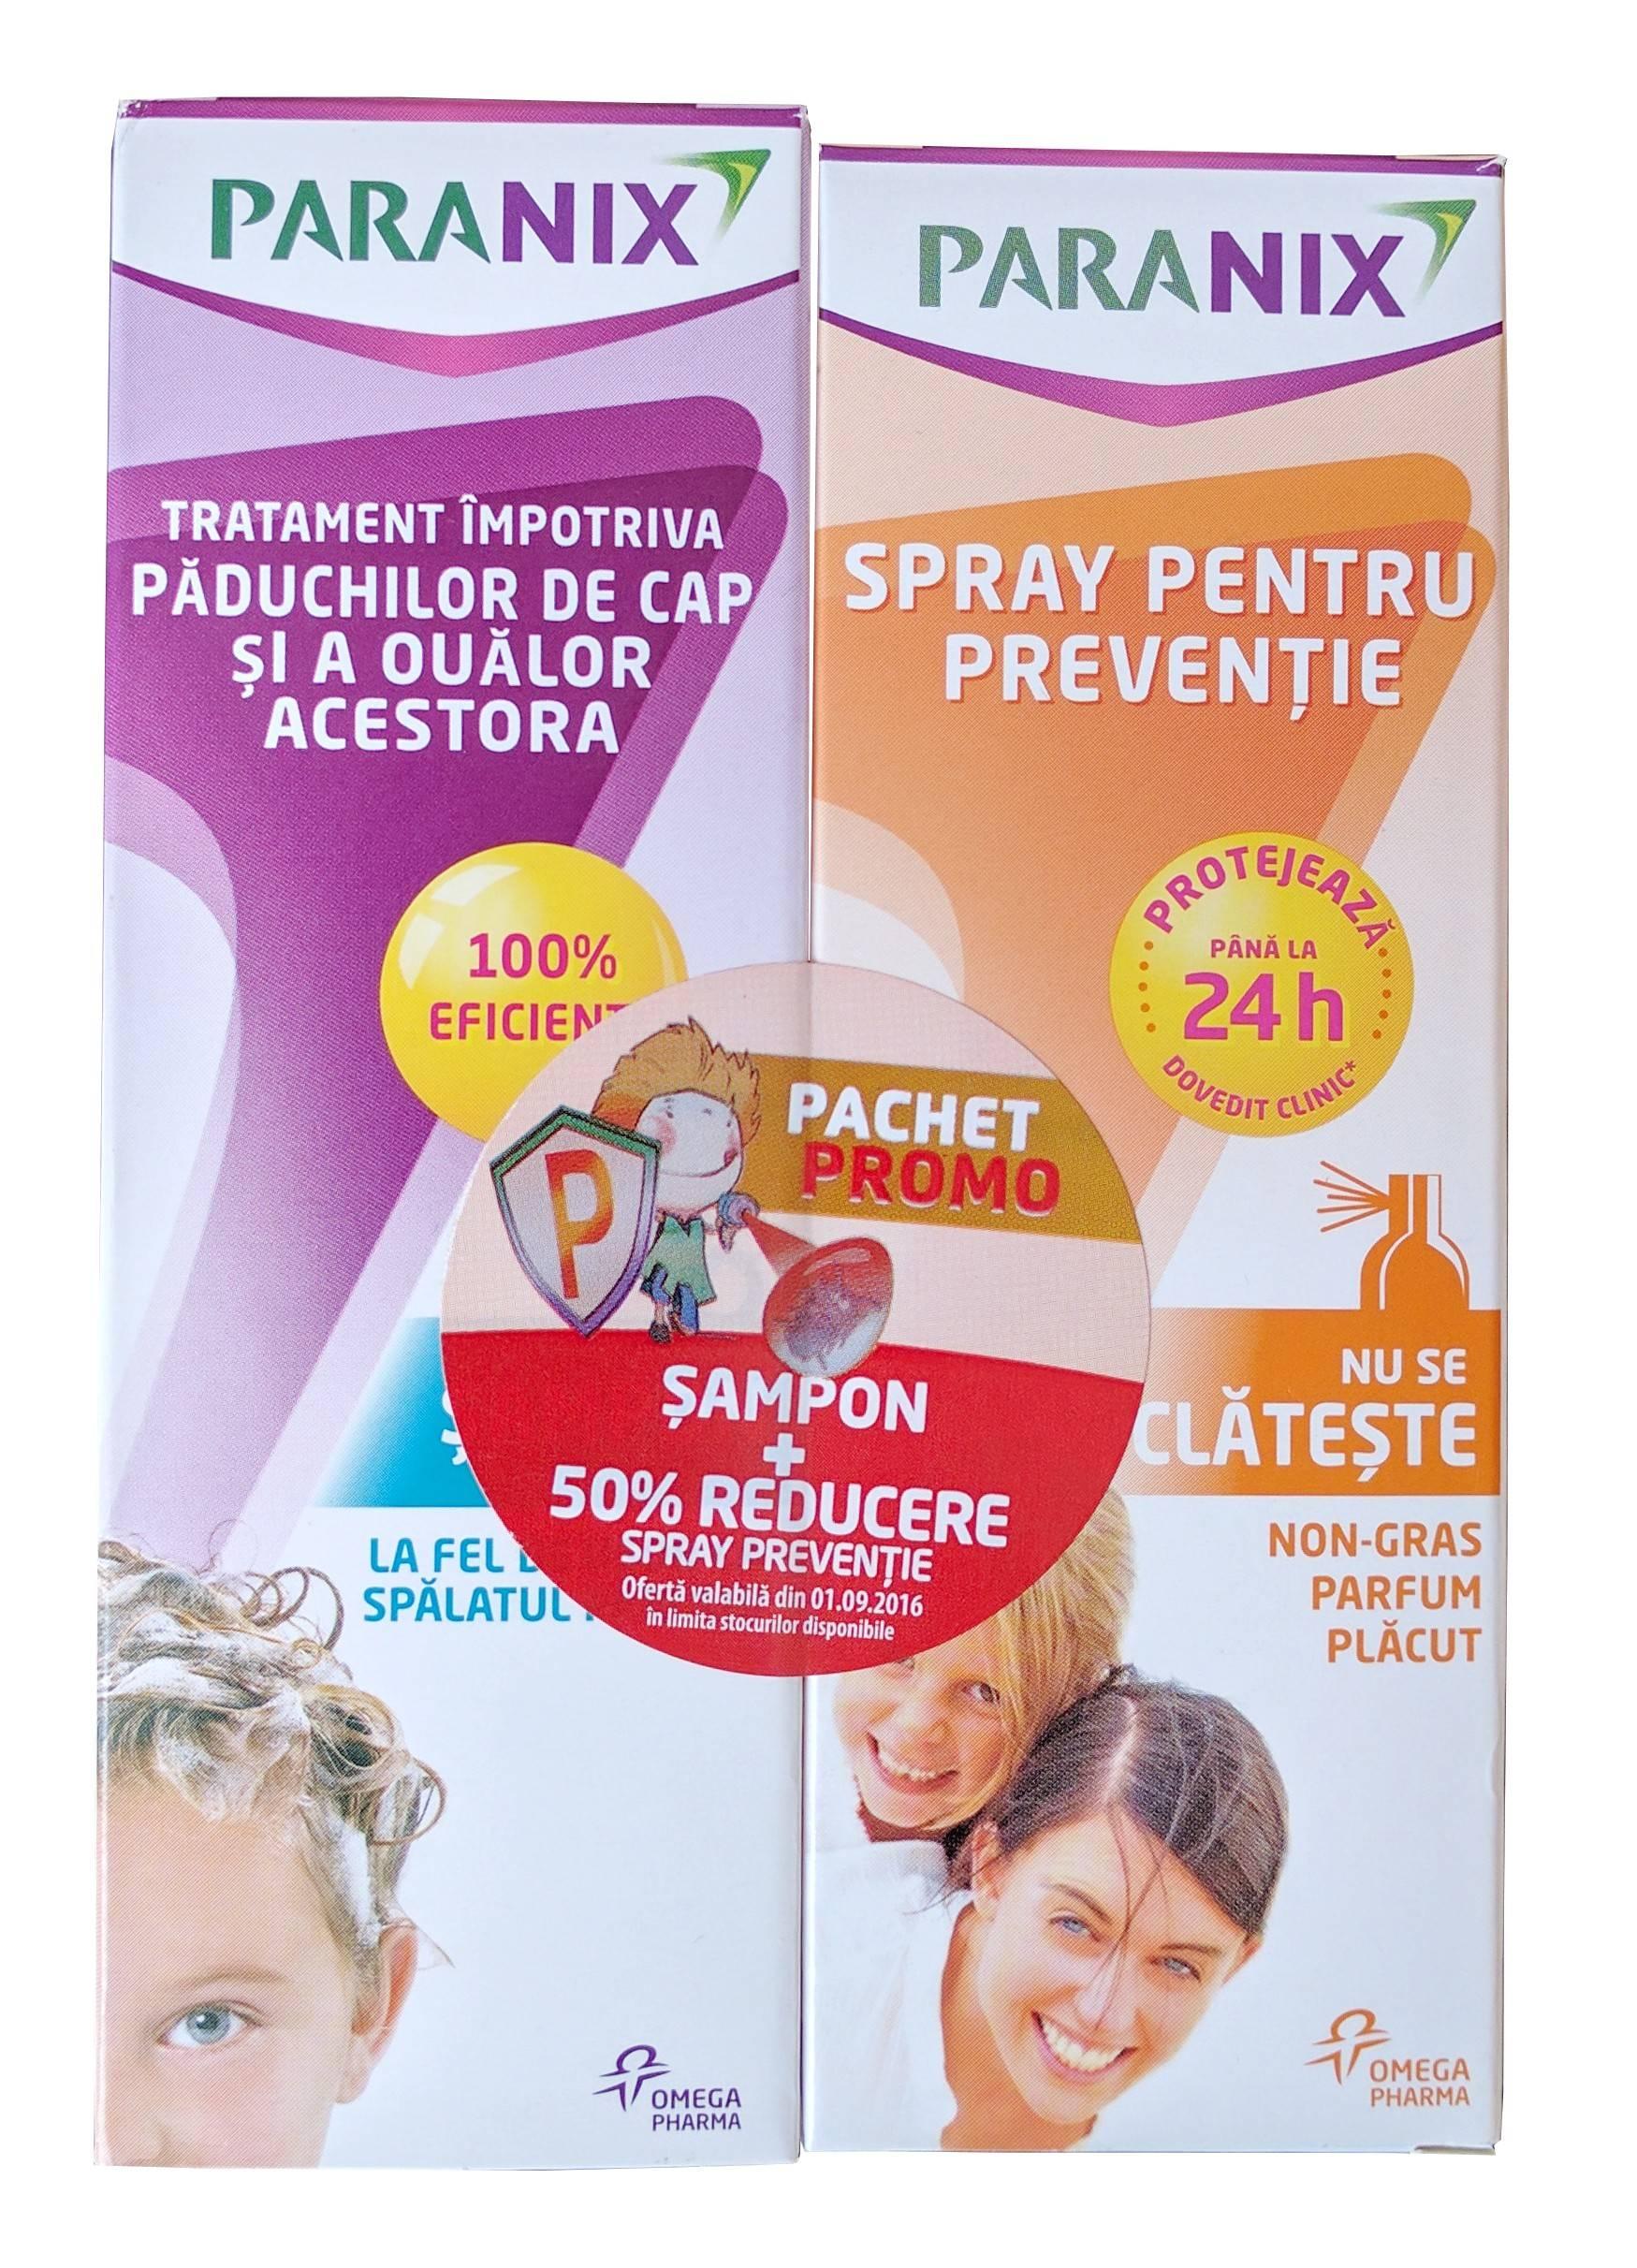 paranix sampon 100ml + spray preventie 100ml